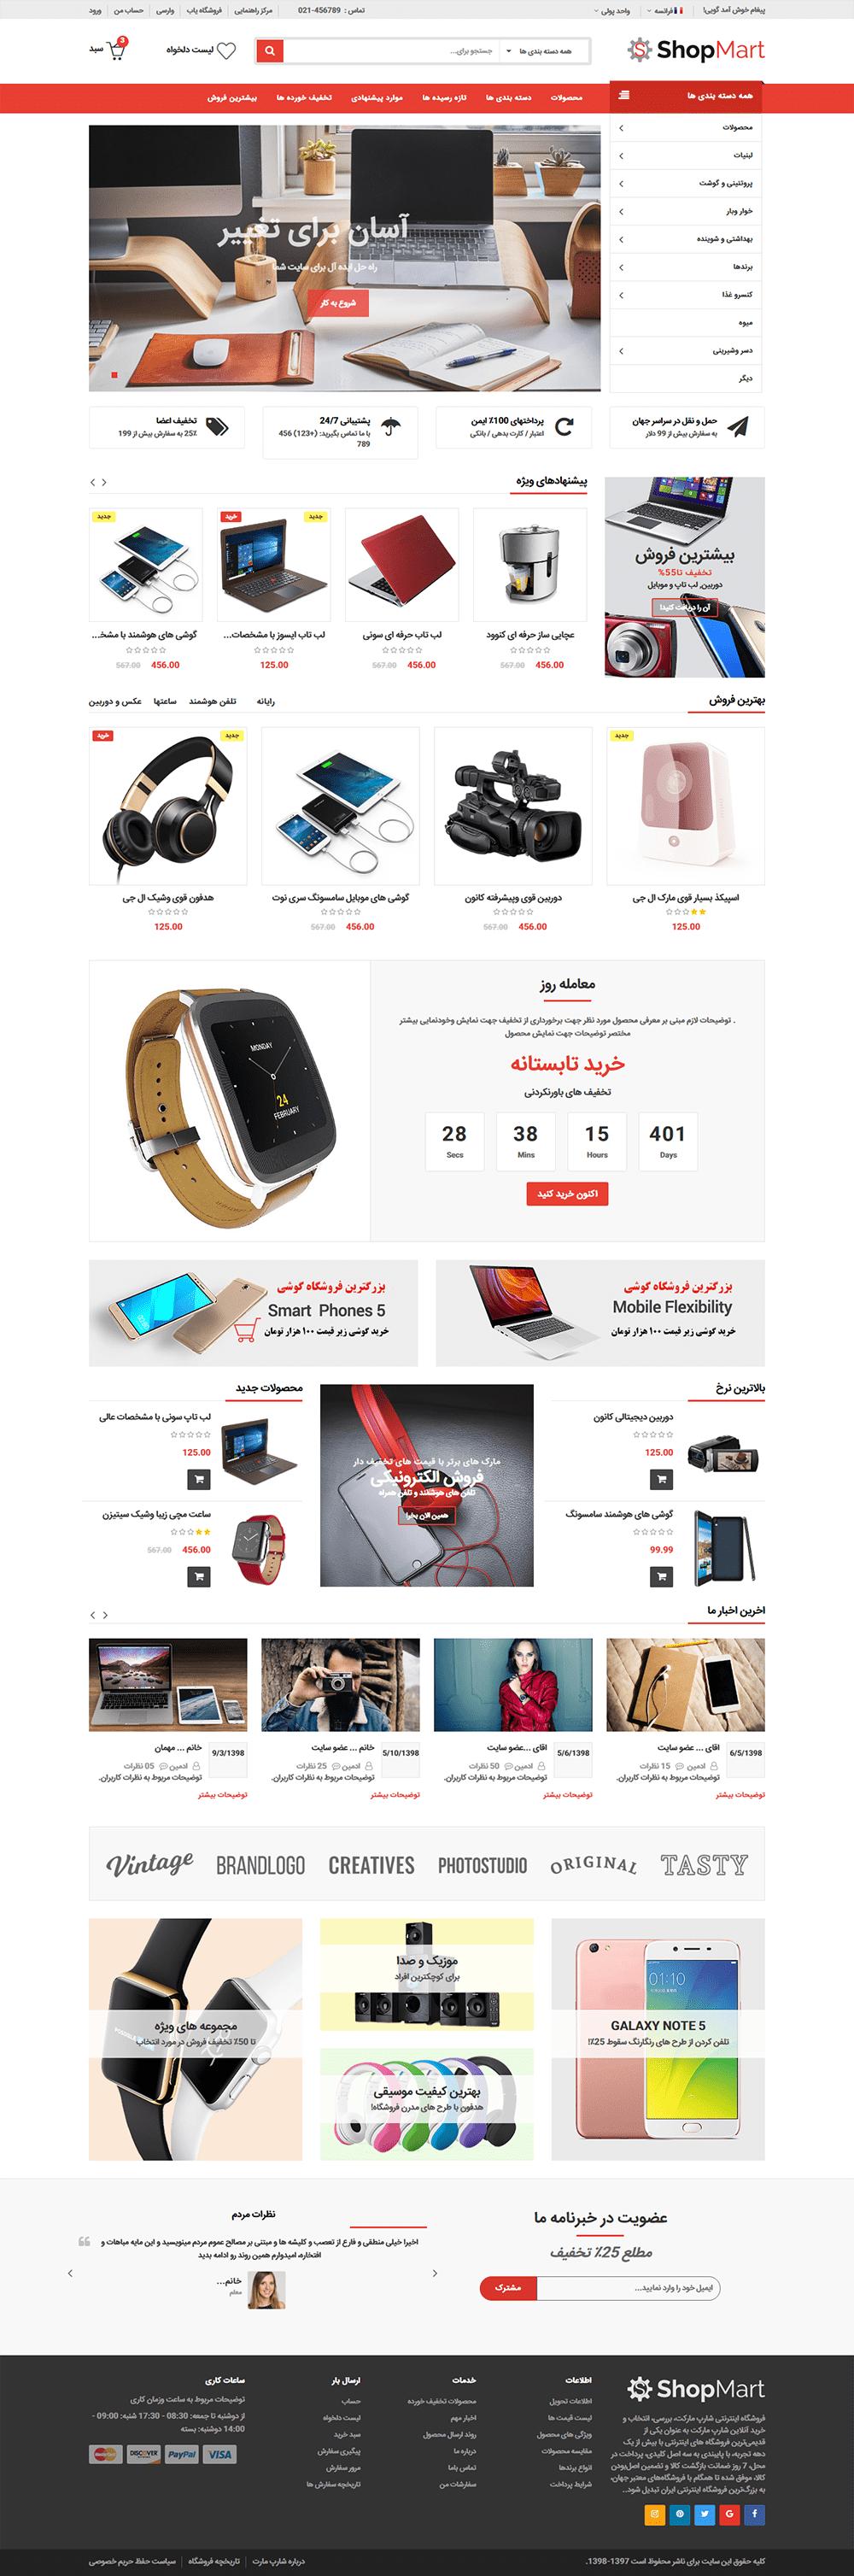 قالب HTML فروشگاهی Shopmart